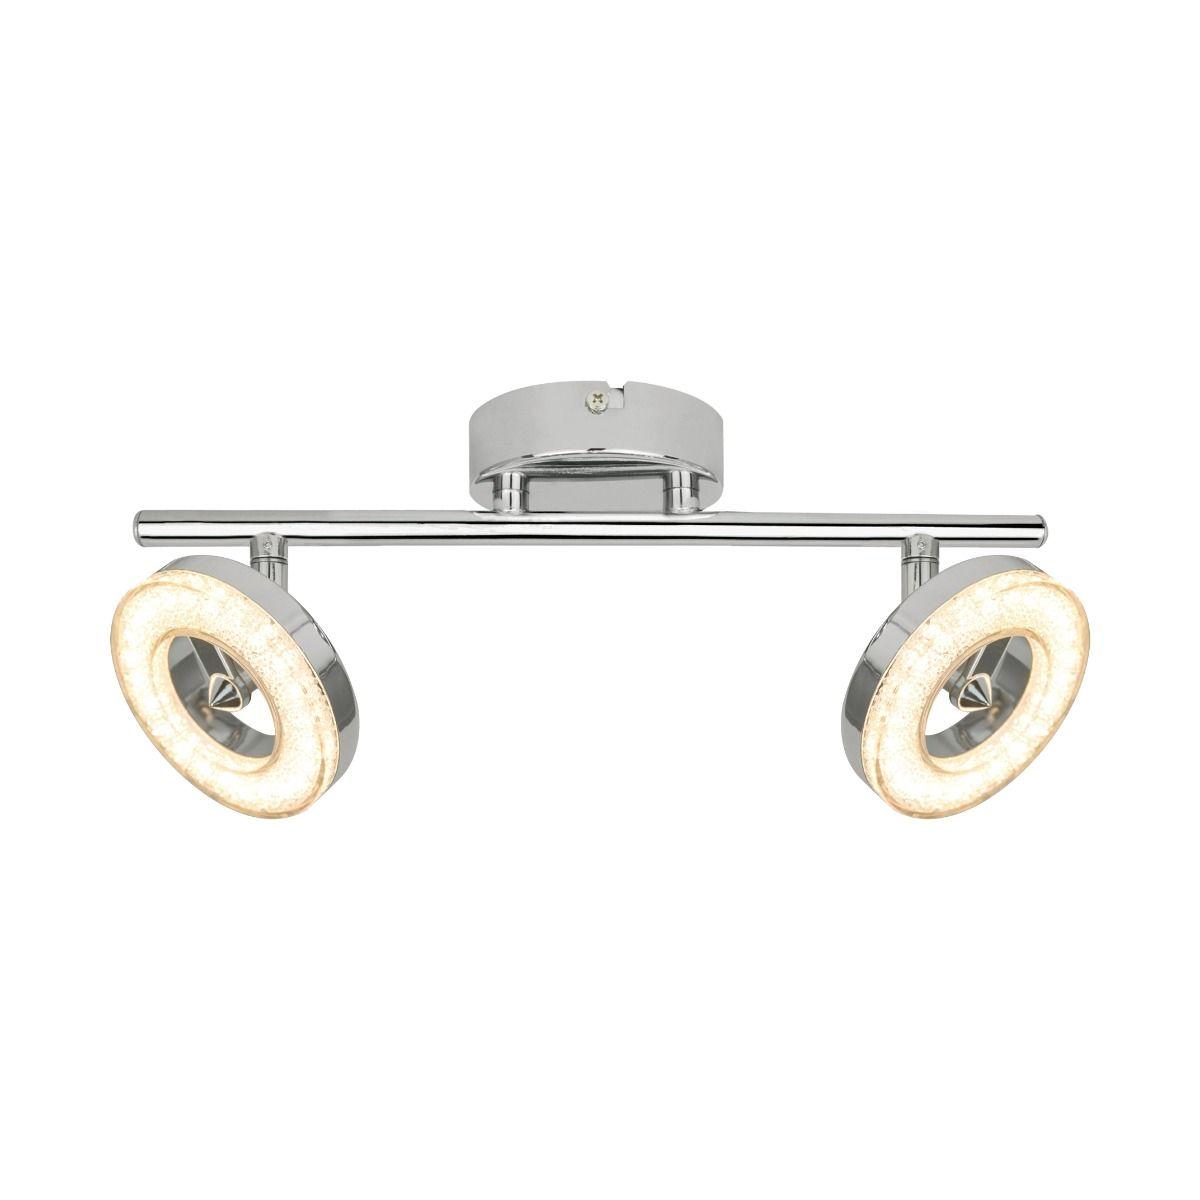 Таванна лампа Driso, двойна